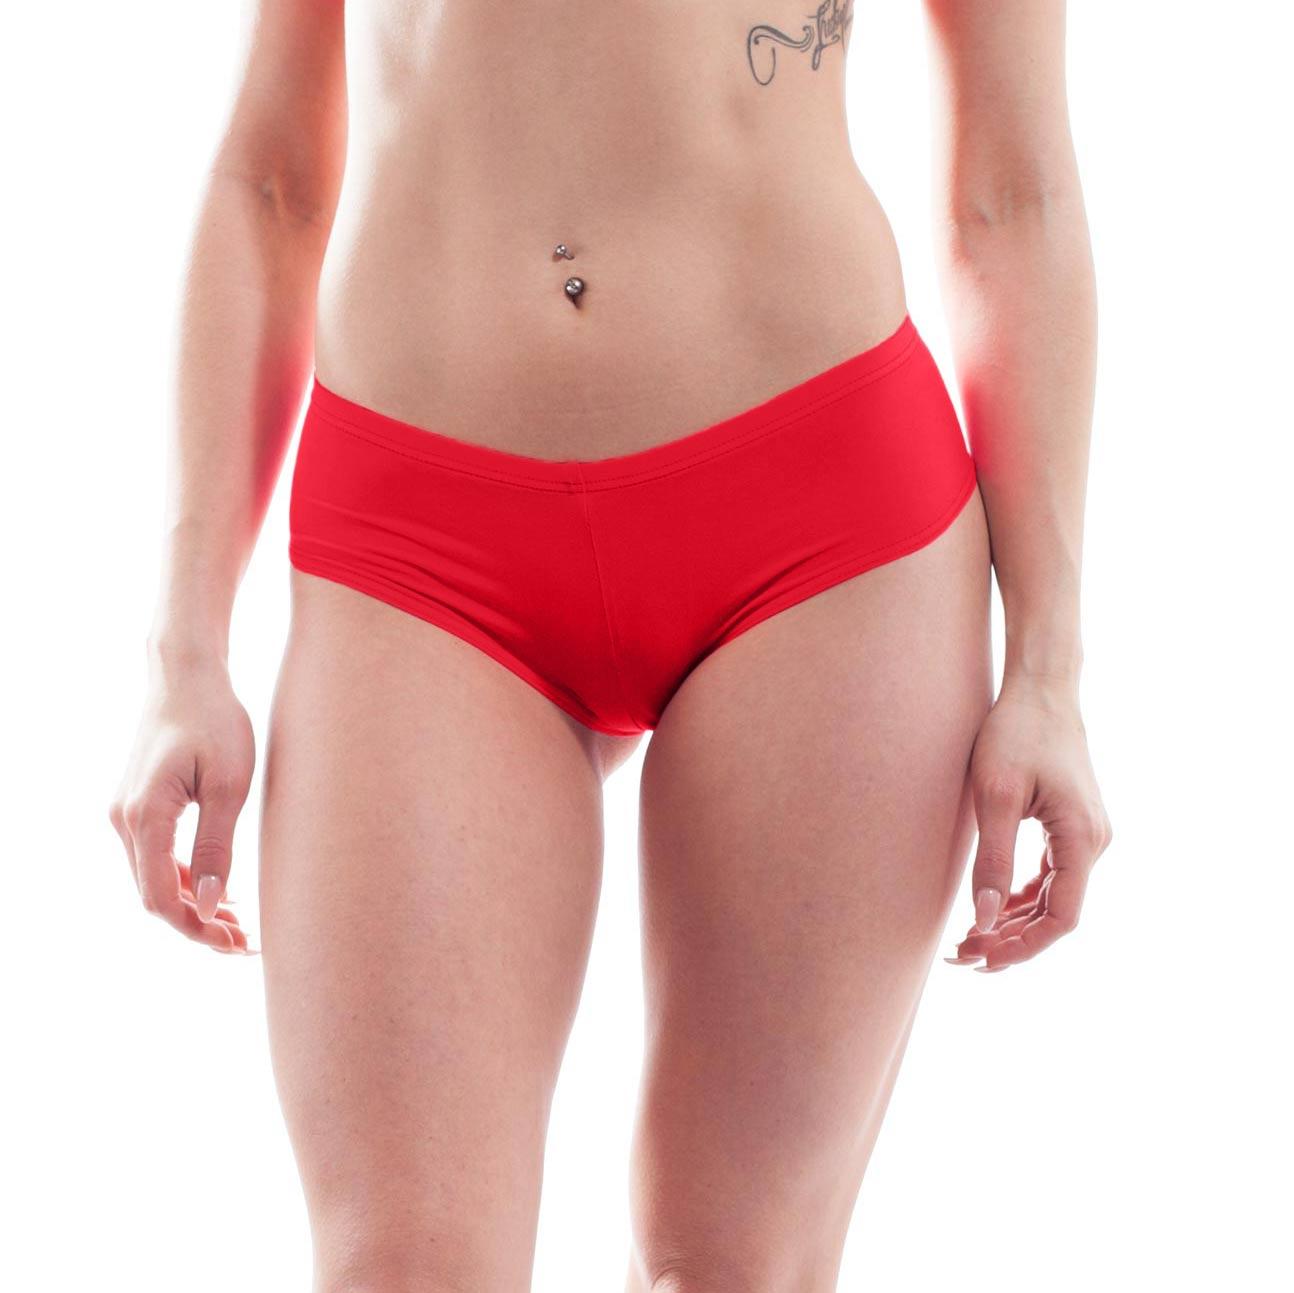 Immer vorrätig, denn die BEUN Damen Hotpants 320F8 ist Never-Out-of-Stock und gehört damit zu den Wojoer NOS-Produkten.  Erhältlich in den Farben  Crema |  Schwarz |  Candypink |  Vulcano |  Royalblau |  Eisblau |   Neoncoral |…